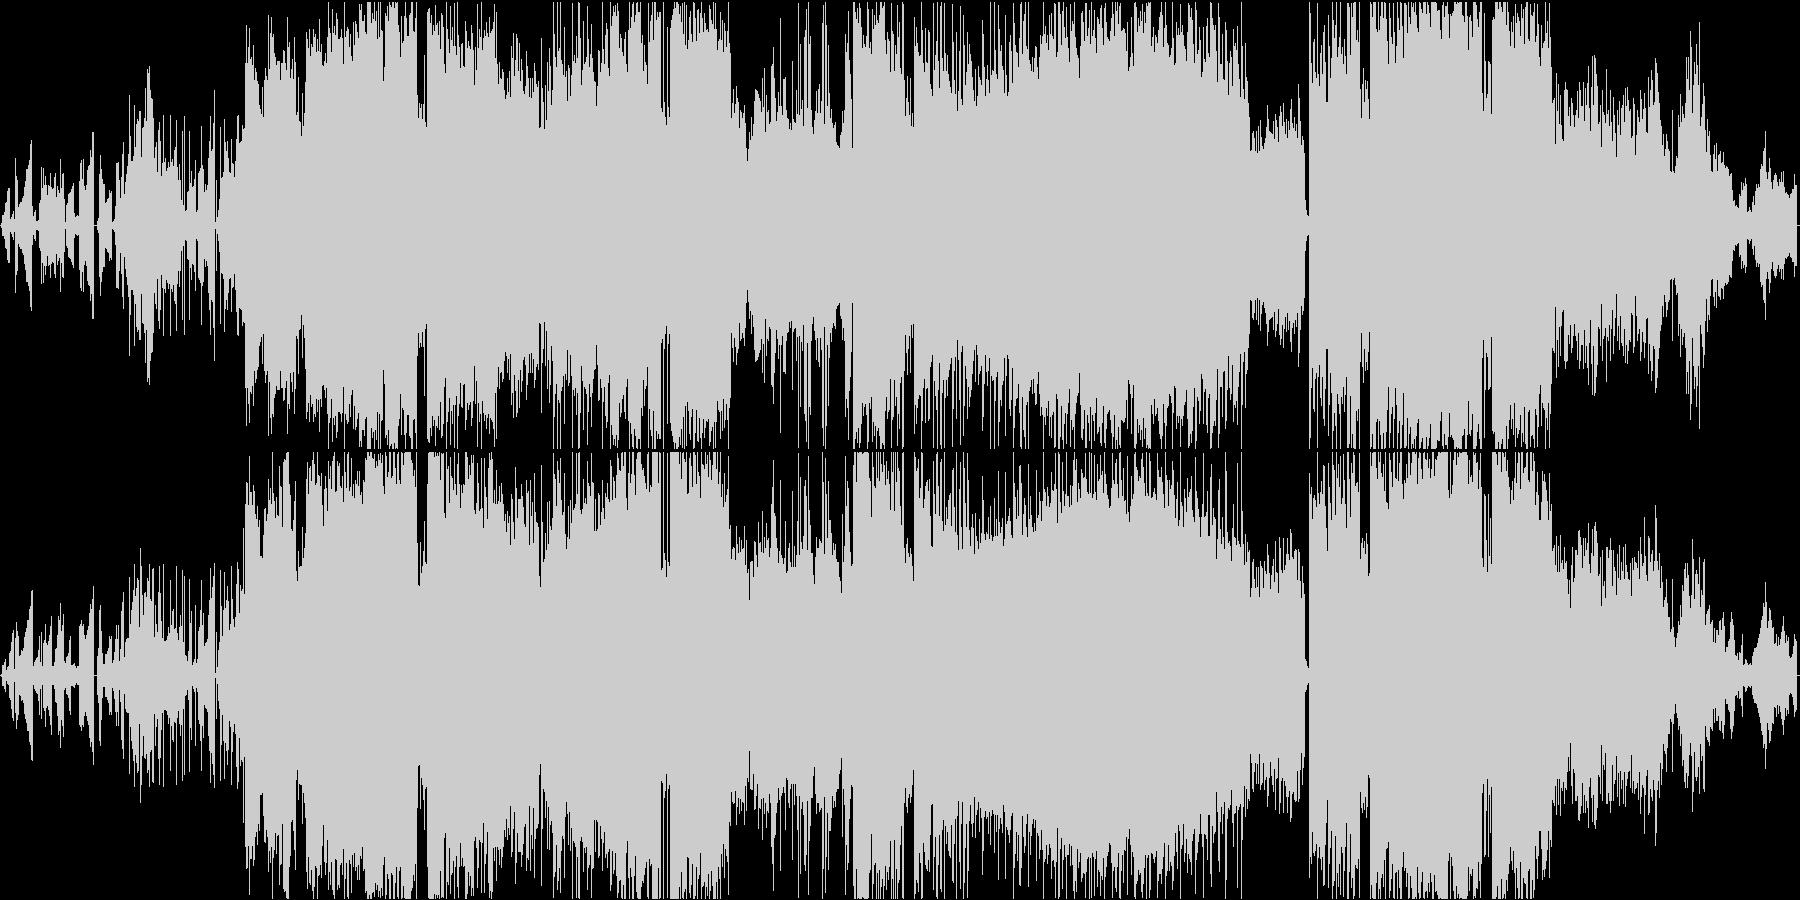 波紋をイメージした和やかで癒やしの一曲の未再生の波形